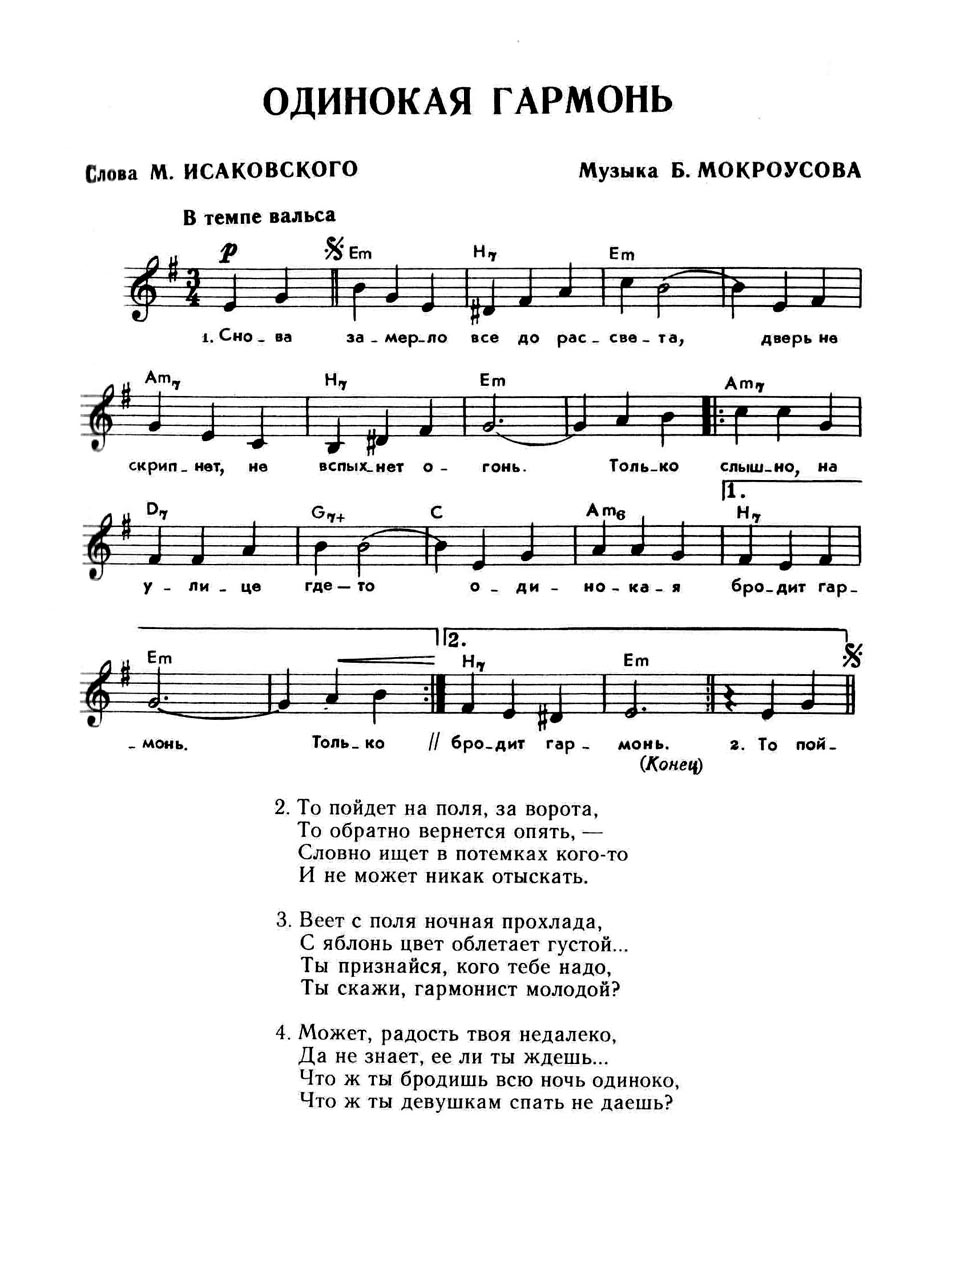 Б. Мокроусов, М. Исаковский. Одинокая гармонь. Ноты для голоса и аккорды